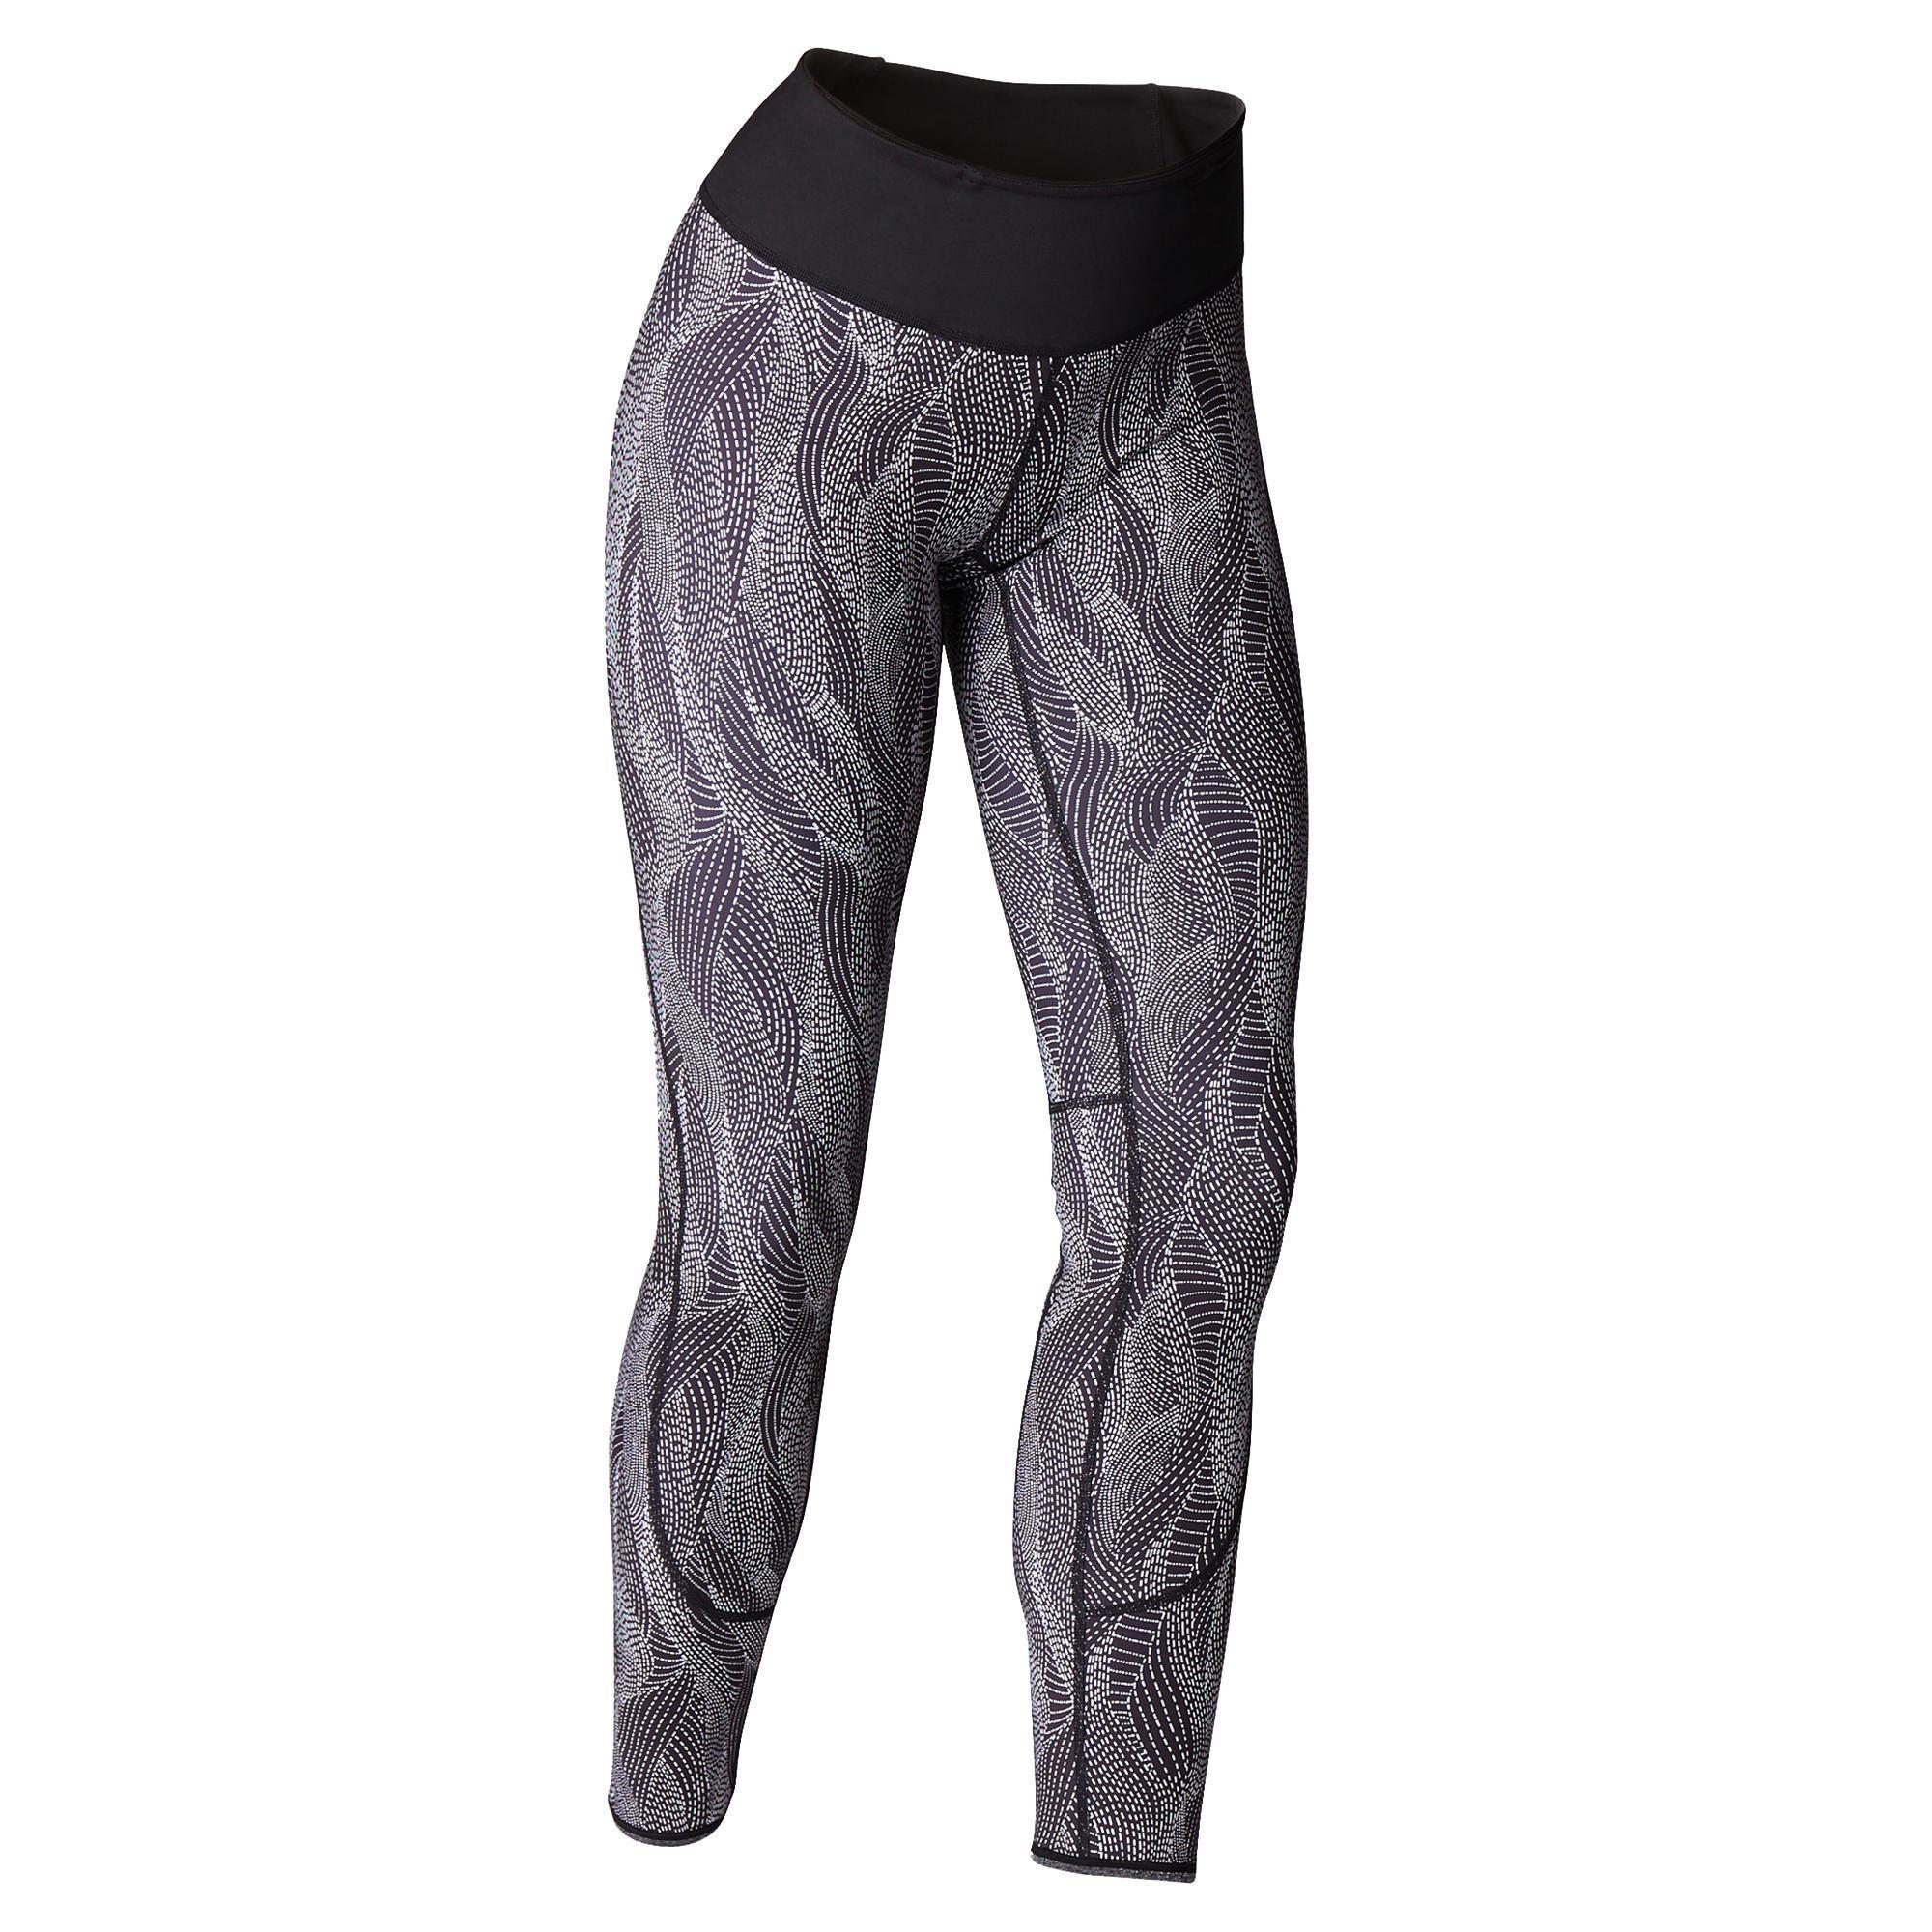 Domyos Omkeerbare legging voor dynamische yoga zwart / wit met print kopen